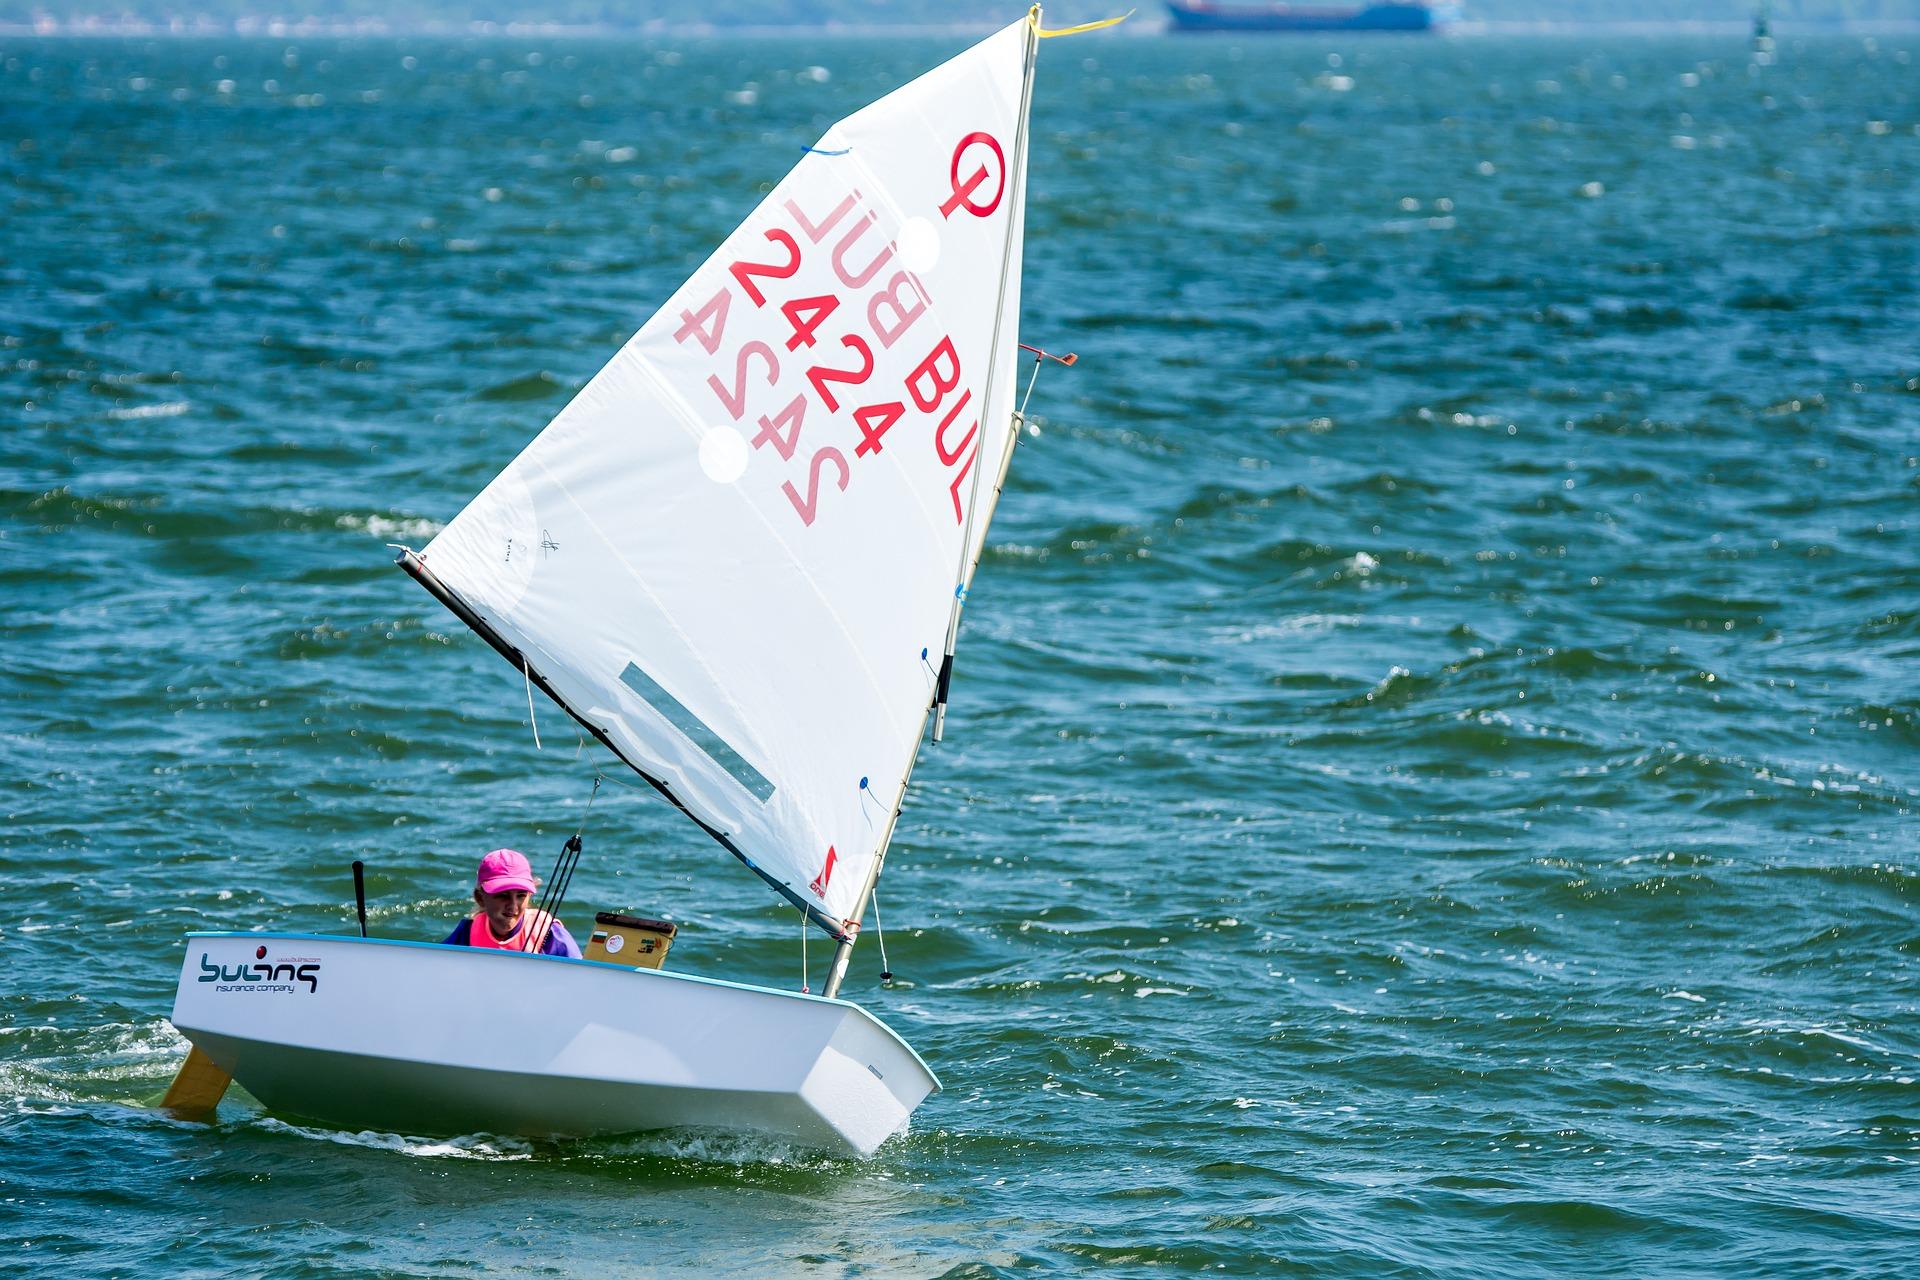 yachting-3382395_1920